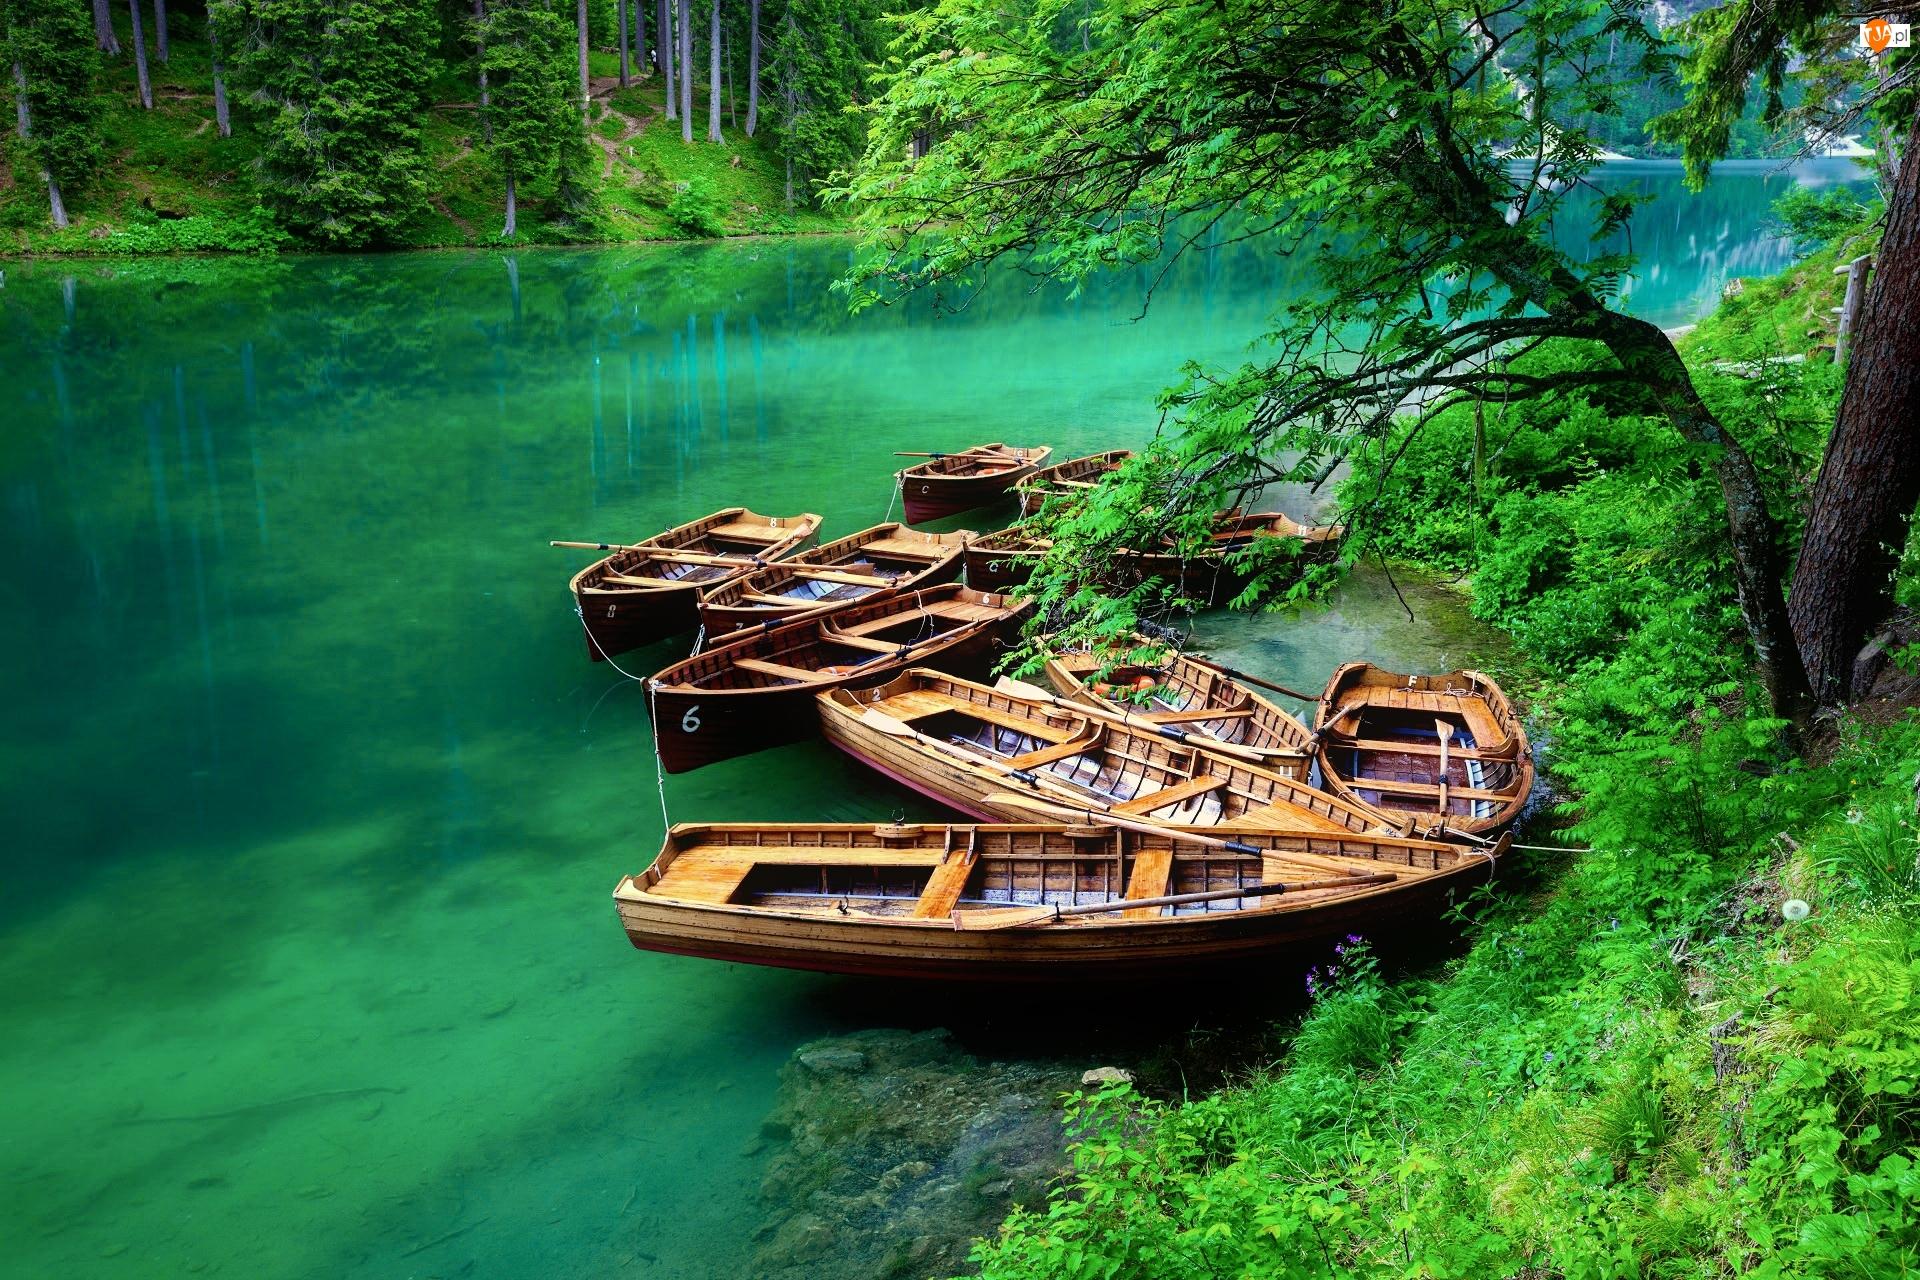 Las, Włochy, Jezioro Braies, Południowy Tyrol, Łódki